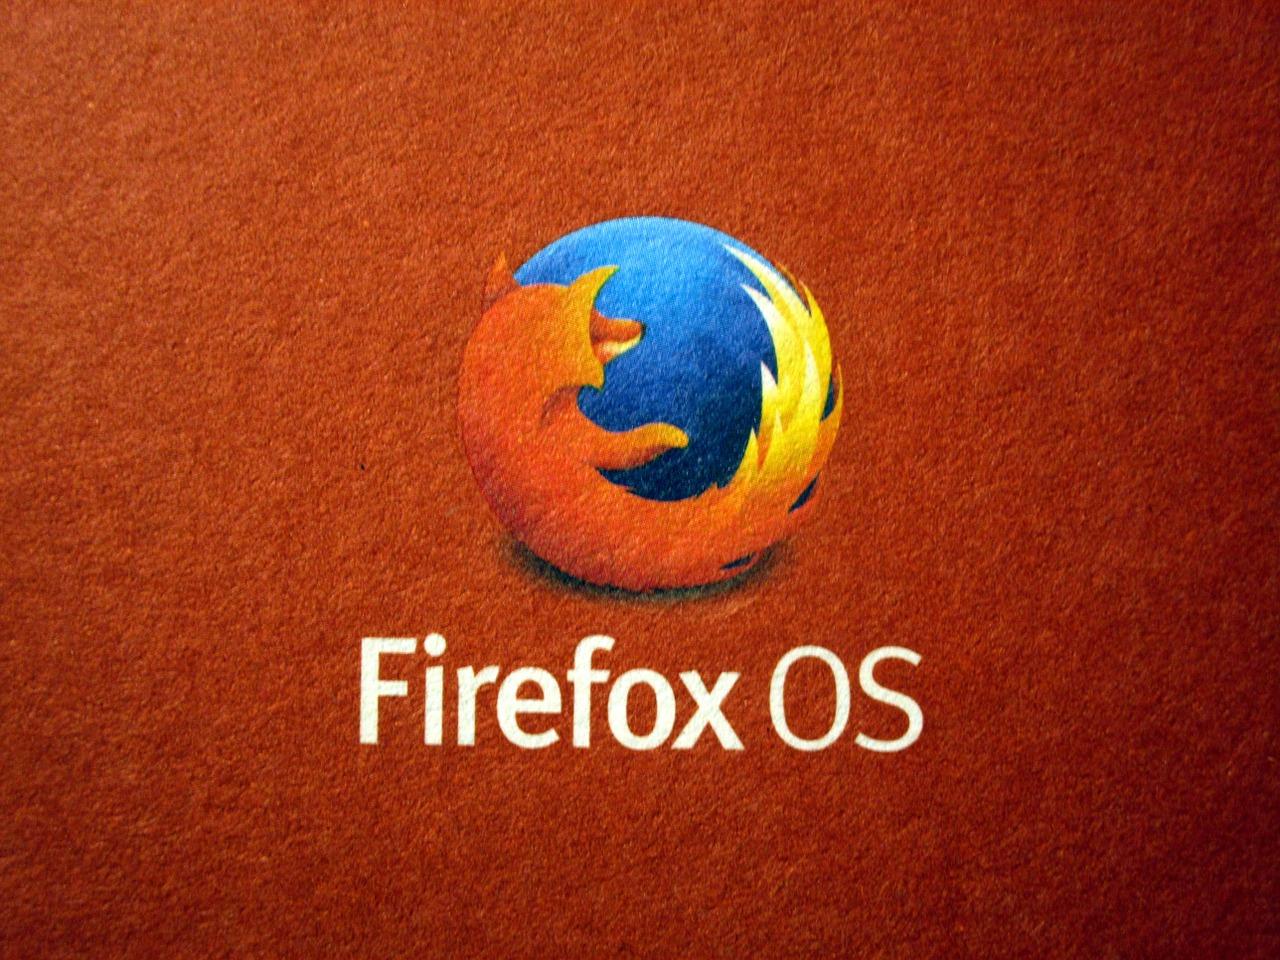 10 аддонов Firefox для безопасного сёрфинга в интернете